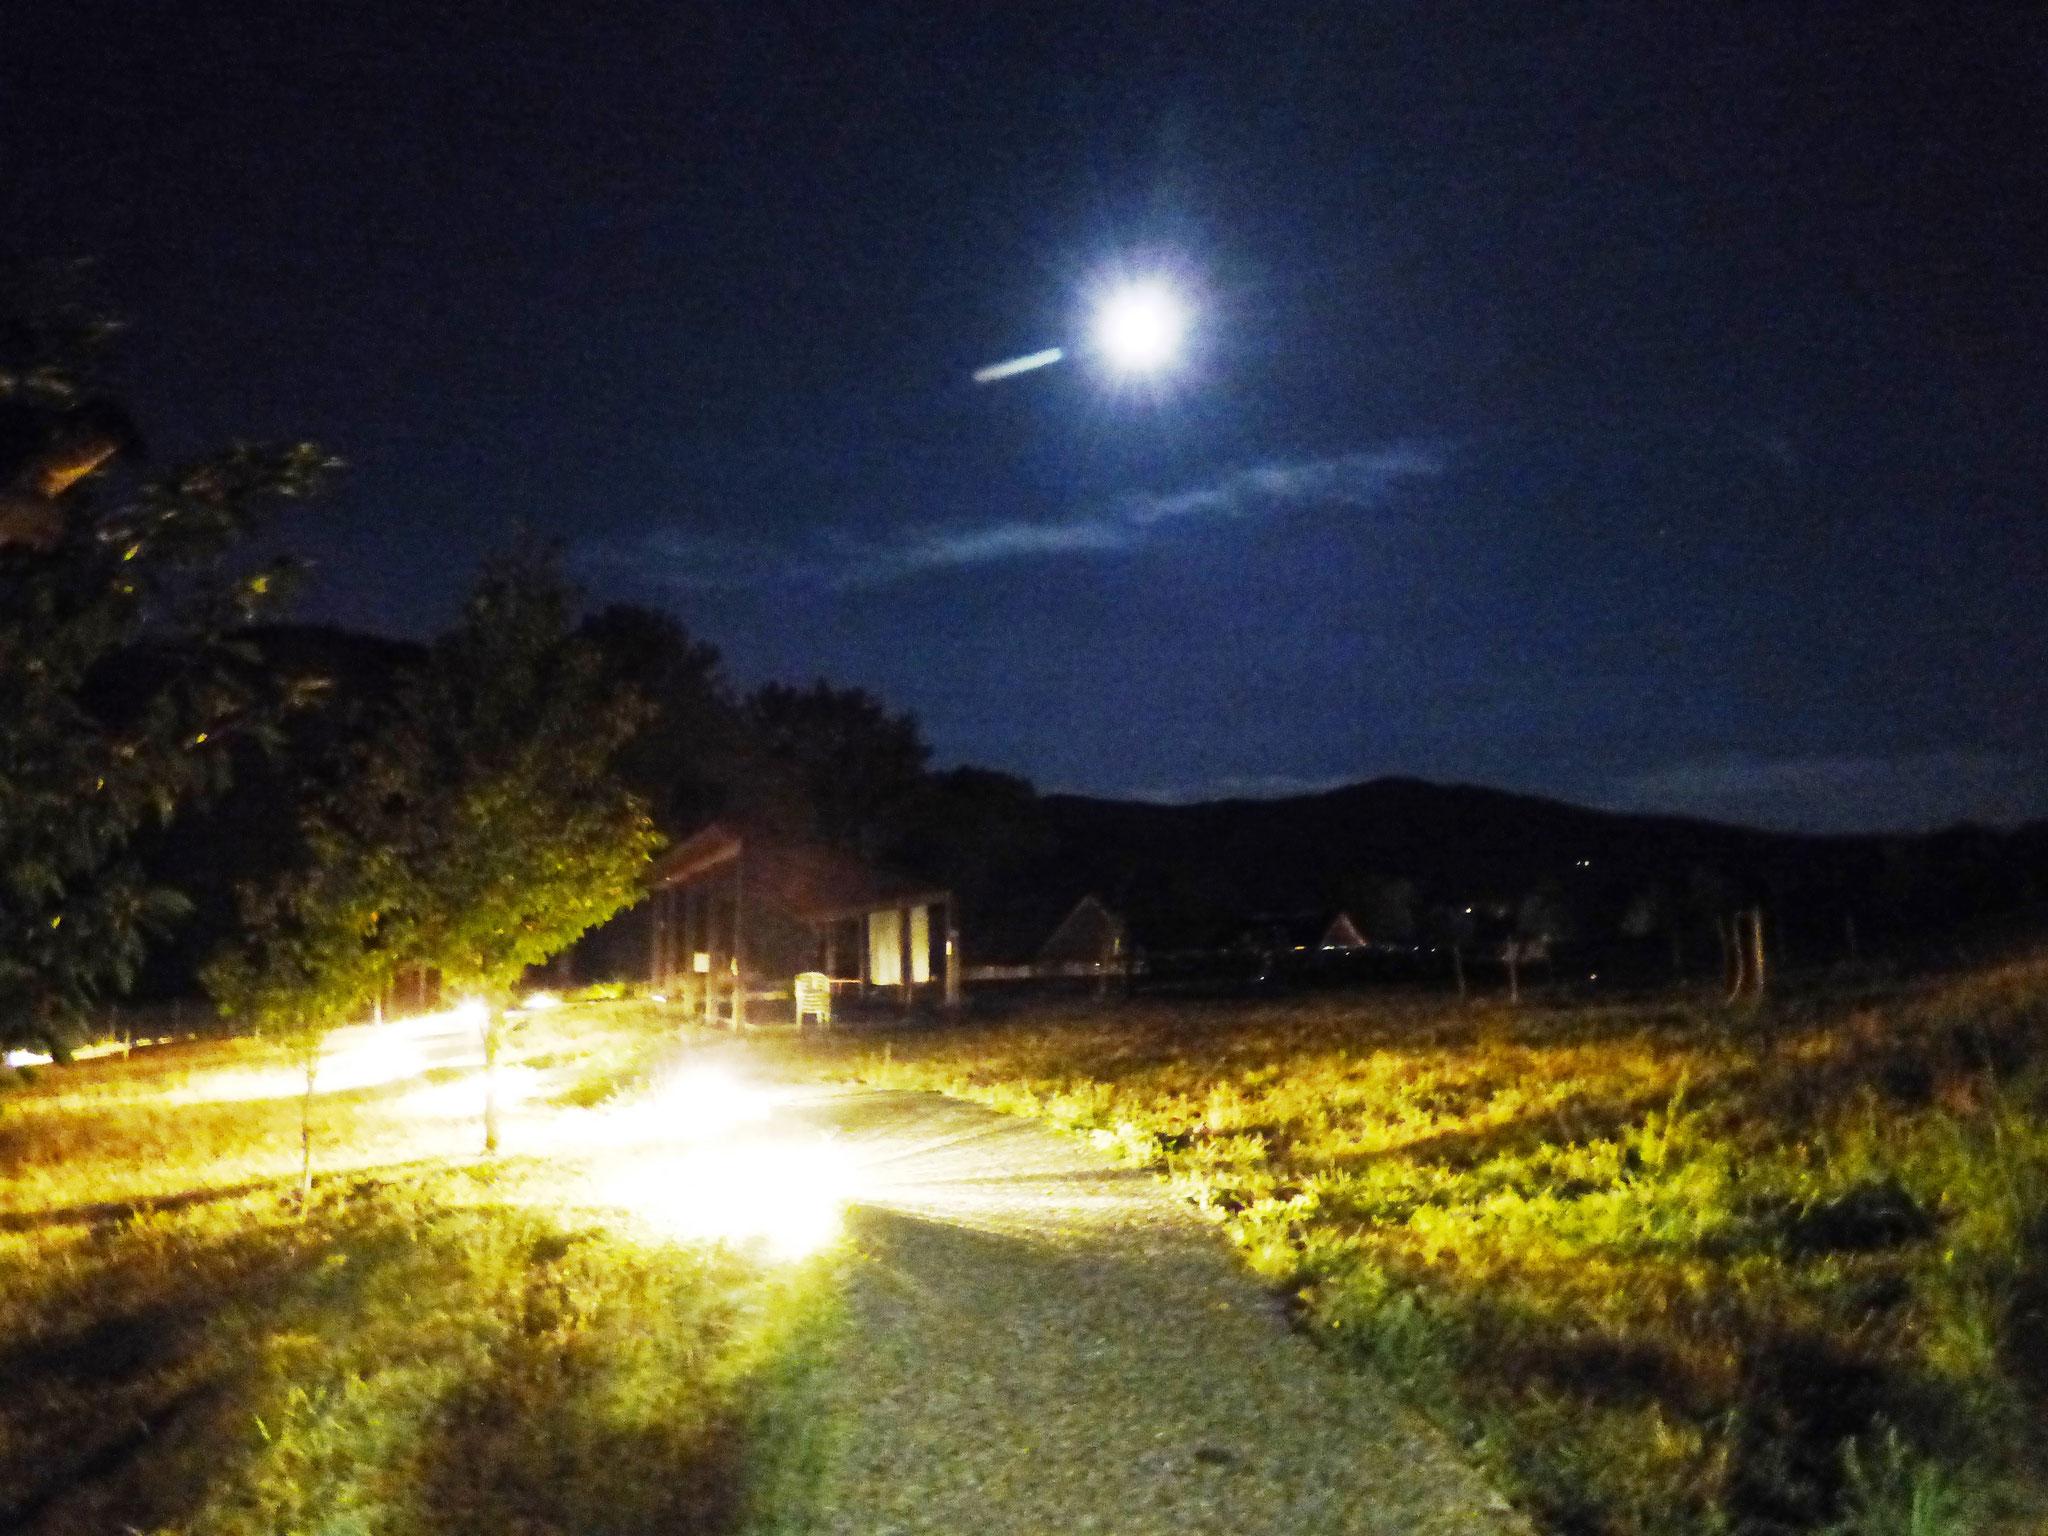 cinema sotto le stelle - parco archeologico di Travo 16 agosto